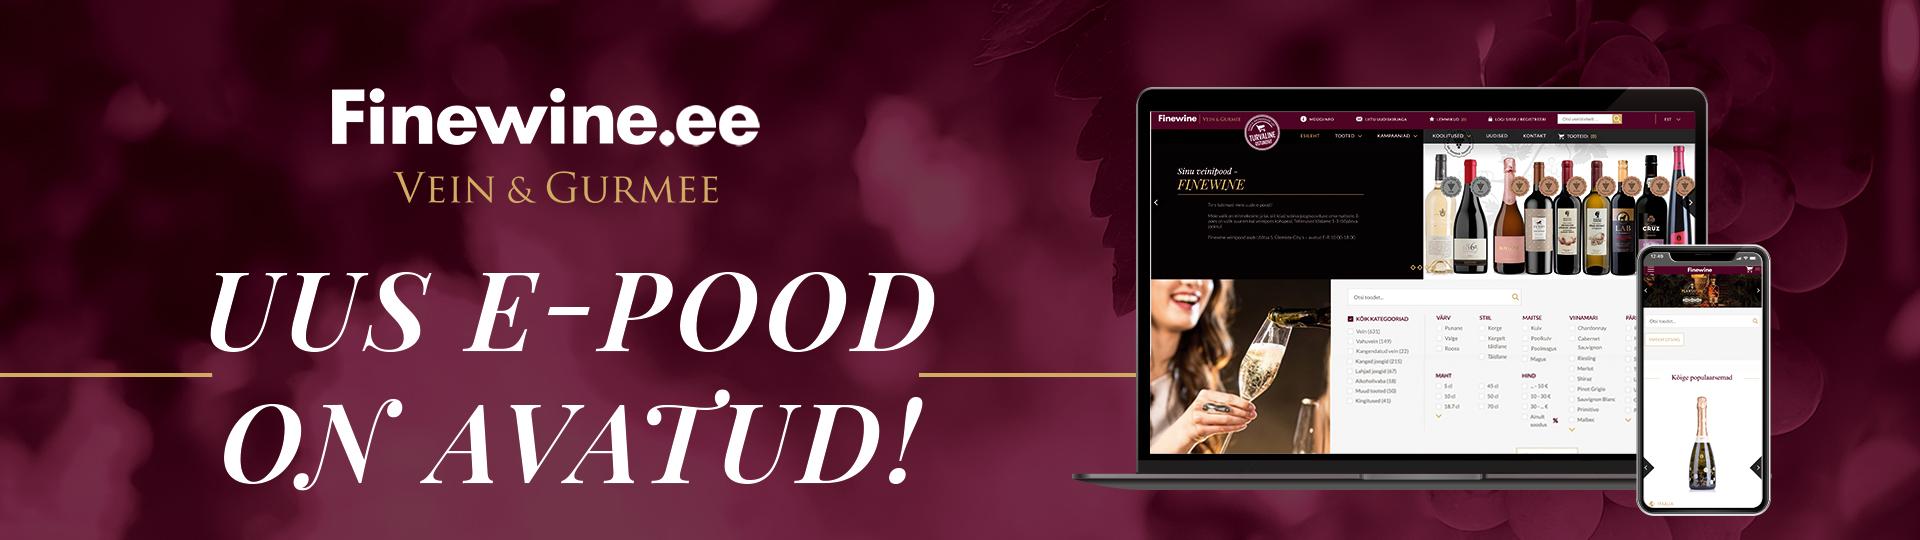 online veinipood